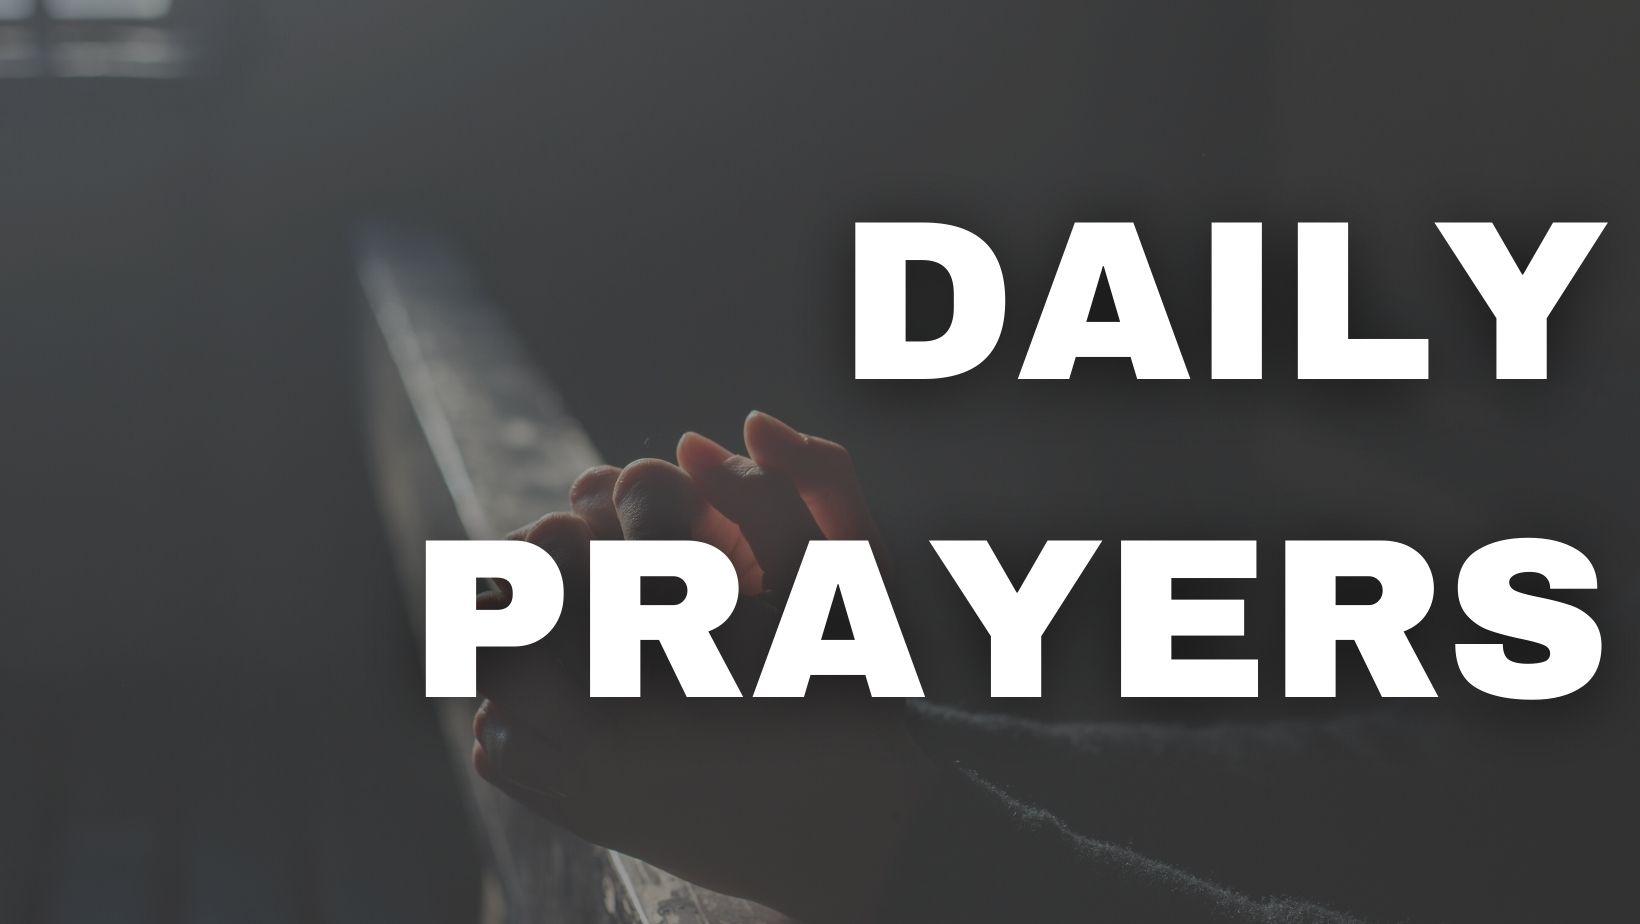 Daily Prayers